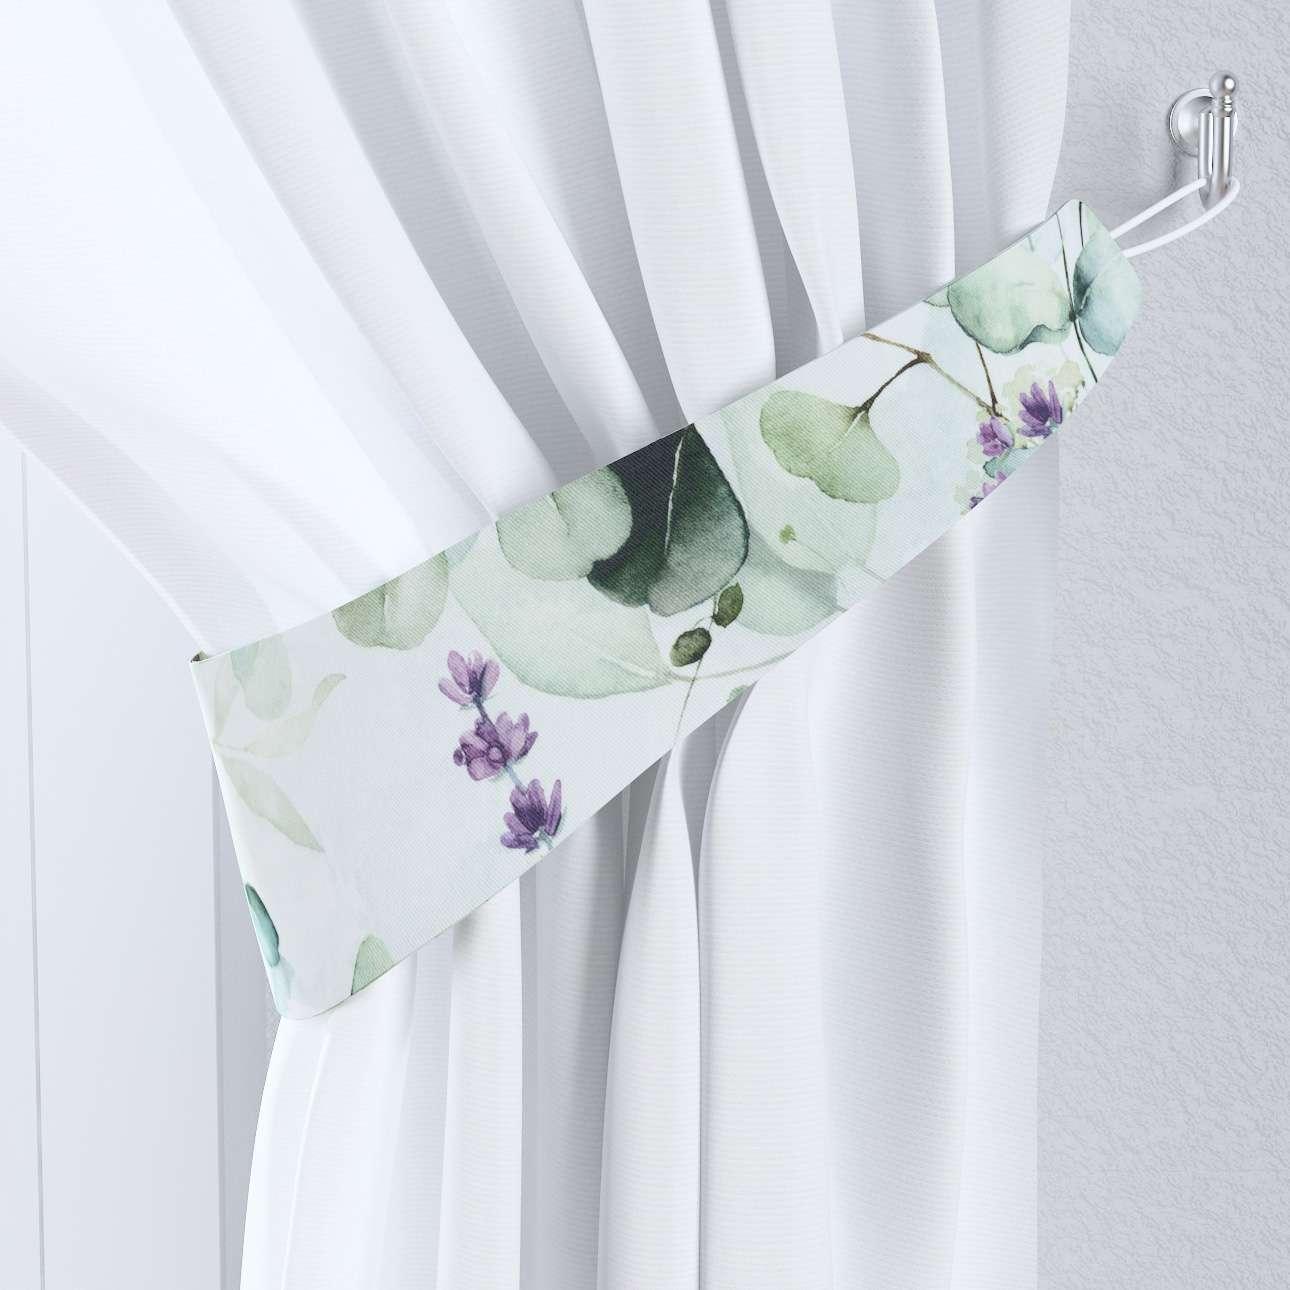 Úchyt Victoria, 1ks V kolekcii Flowers, tkanina: 143-66